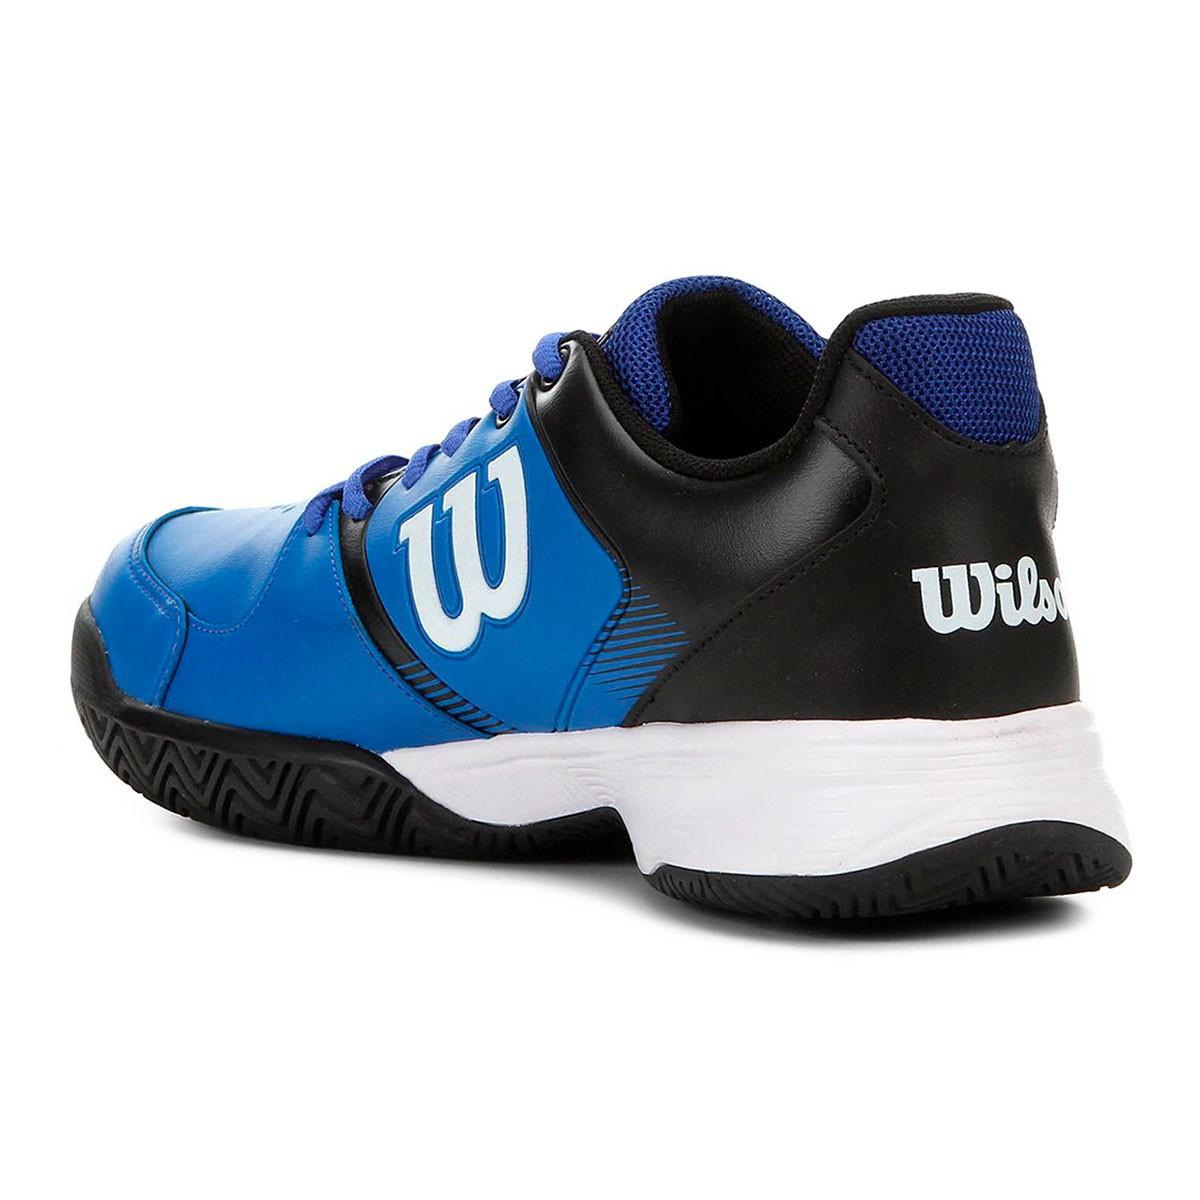 Tênis Wilson Open Masculino Azul Preto Branco